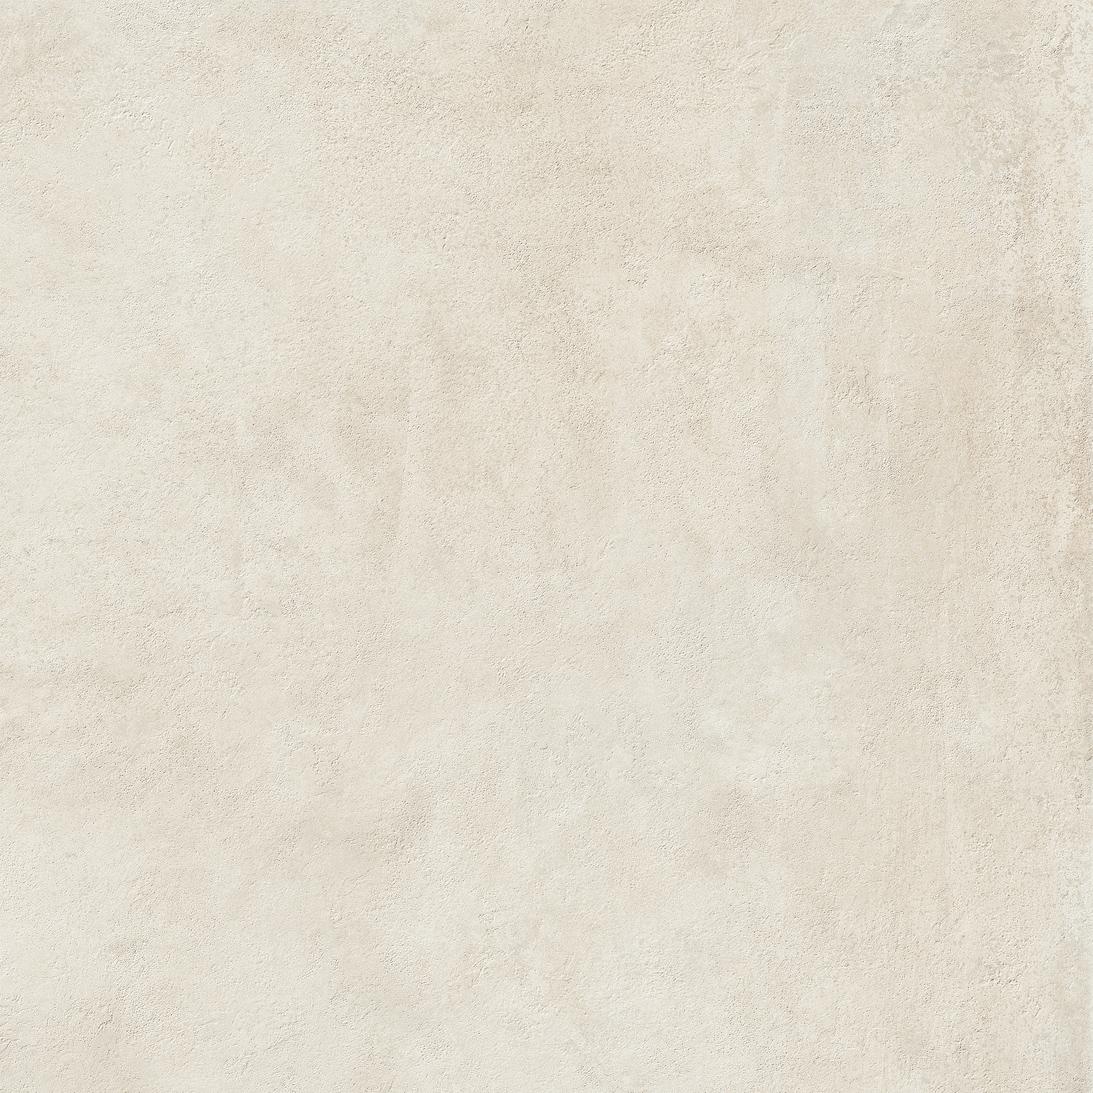 Керамогранит ITALON МИЛЛЕНИУМ ПЬЮР 80x80 Матовая